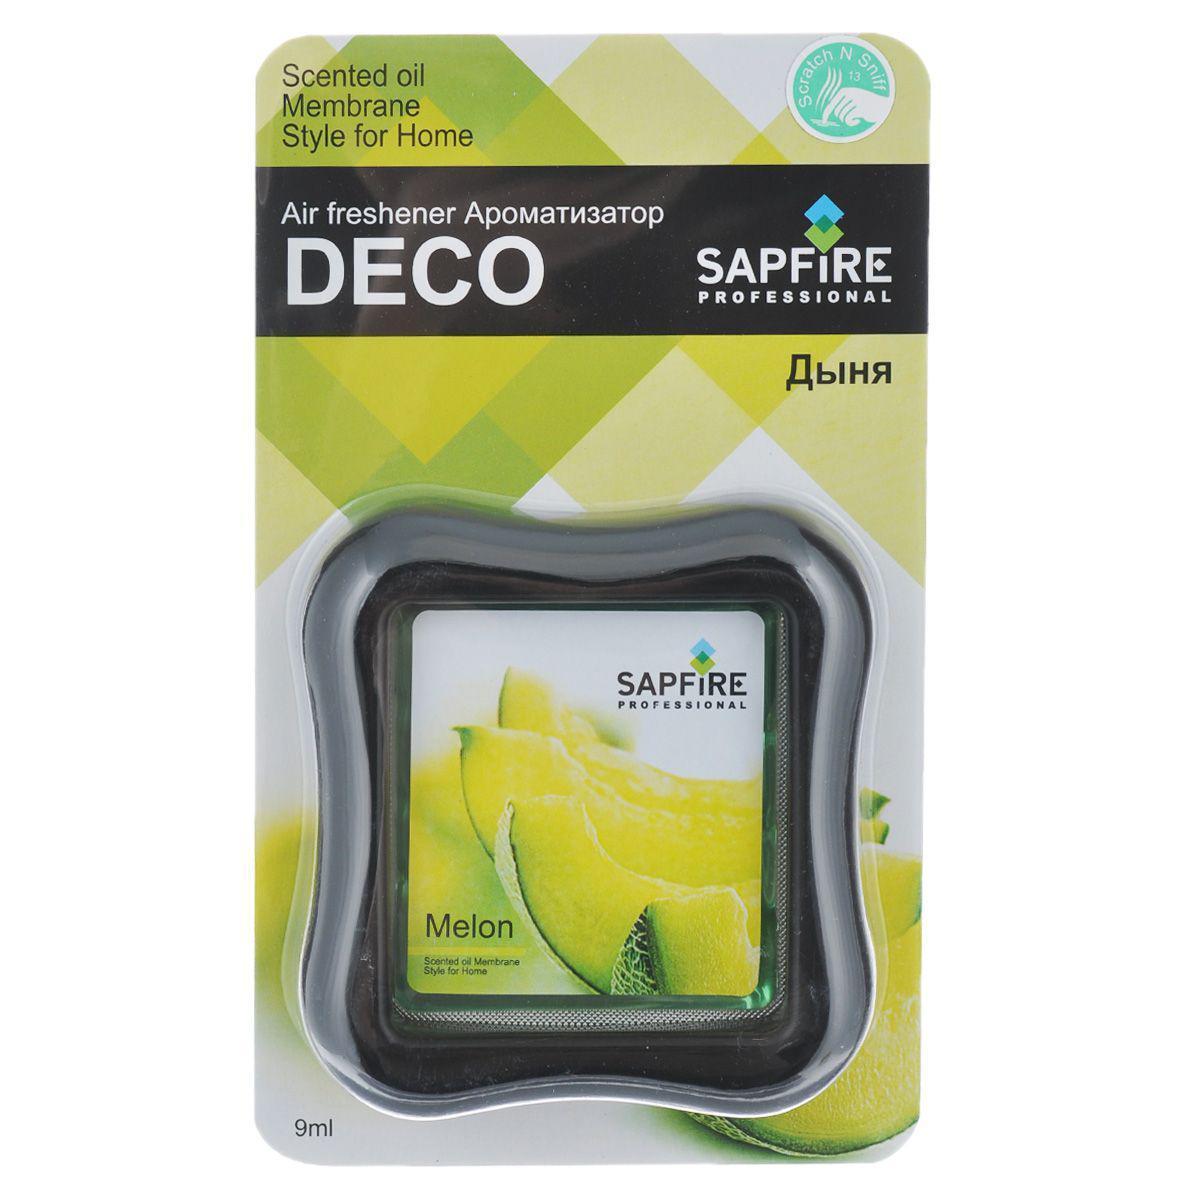 Ароматизатор в дефлектор Sapfire Deco, дыня07713-SAAАвтомобильный и домашний декоративный освежитель воздуха Sapfire Deco имеет приятный аромат дыни. Ароматизатор, изготовленный с использованием современной мембранной технологии, - это безопасно, удобно и гарантирует длительную работу, без риска пролить жидкое содержимое. Крепится ароматизатор на стену в комнате или на дефлектор в автомобиле. Состав: парфюмерная композиция, гель, пластик, алюминиевая фольга. Размер ароматизатора: 8 см х 8,5 см х 2 см.